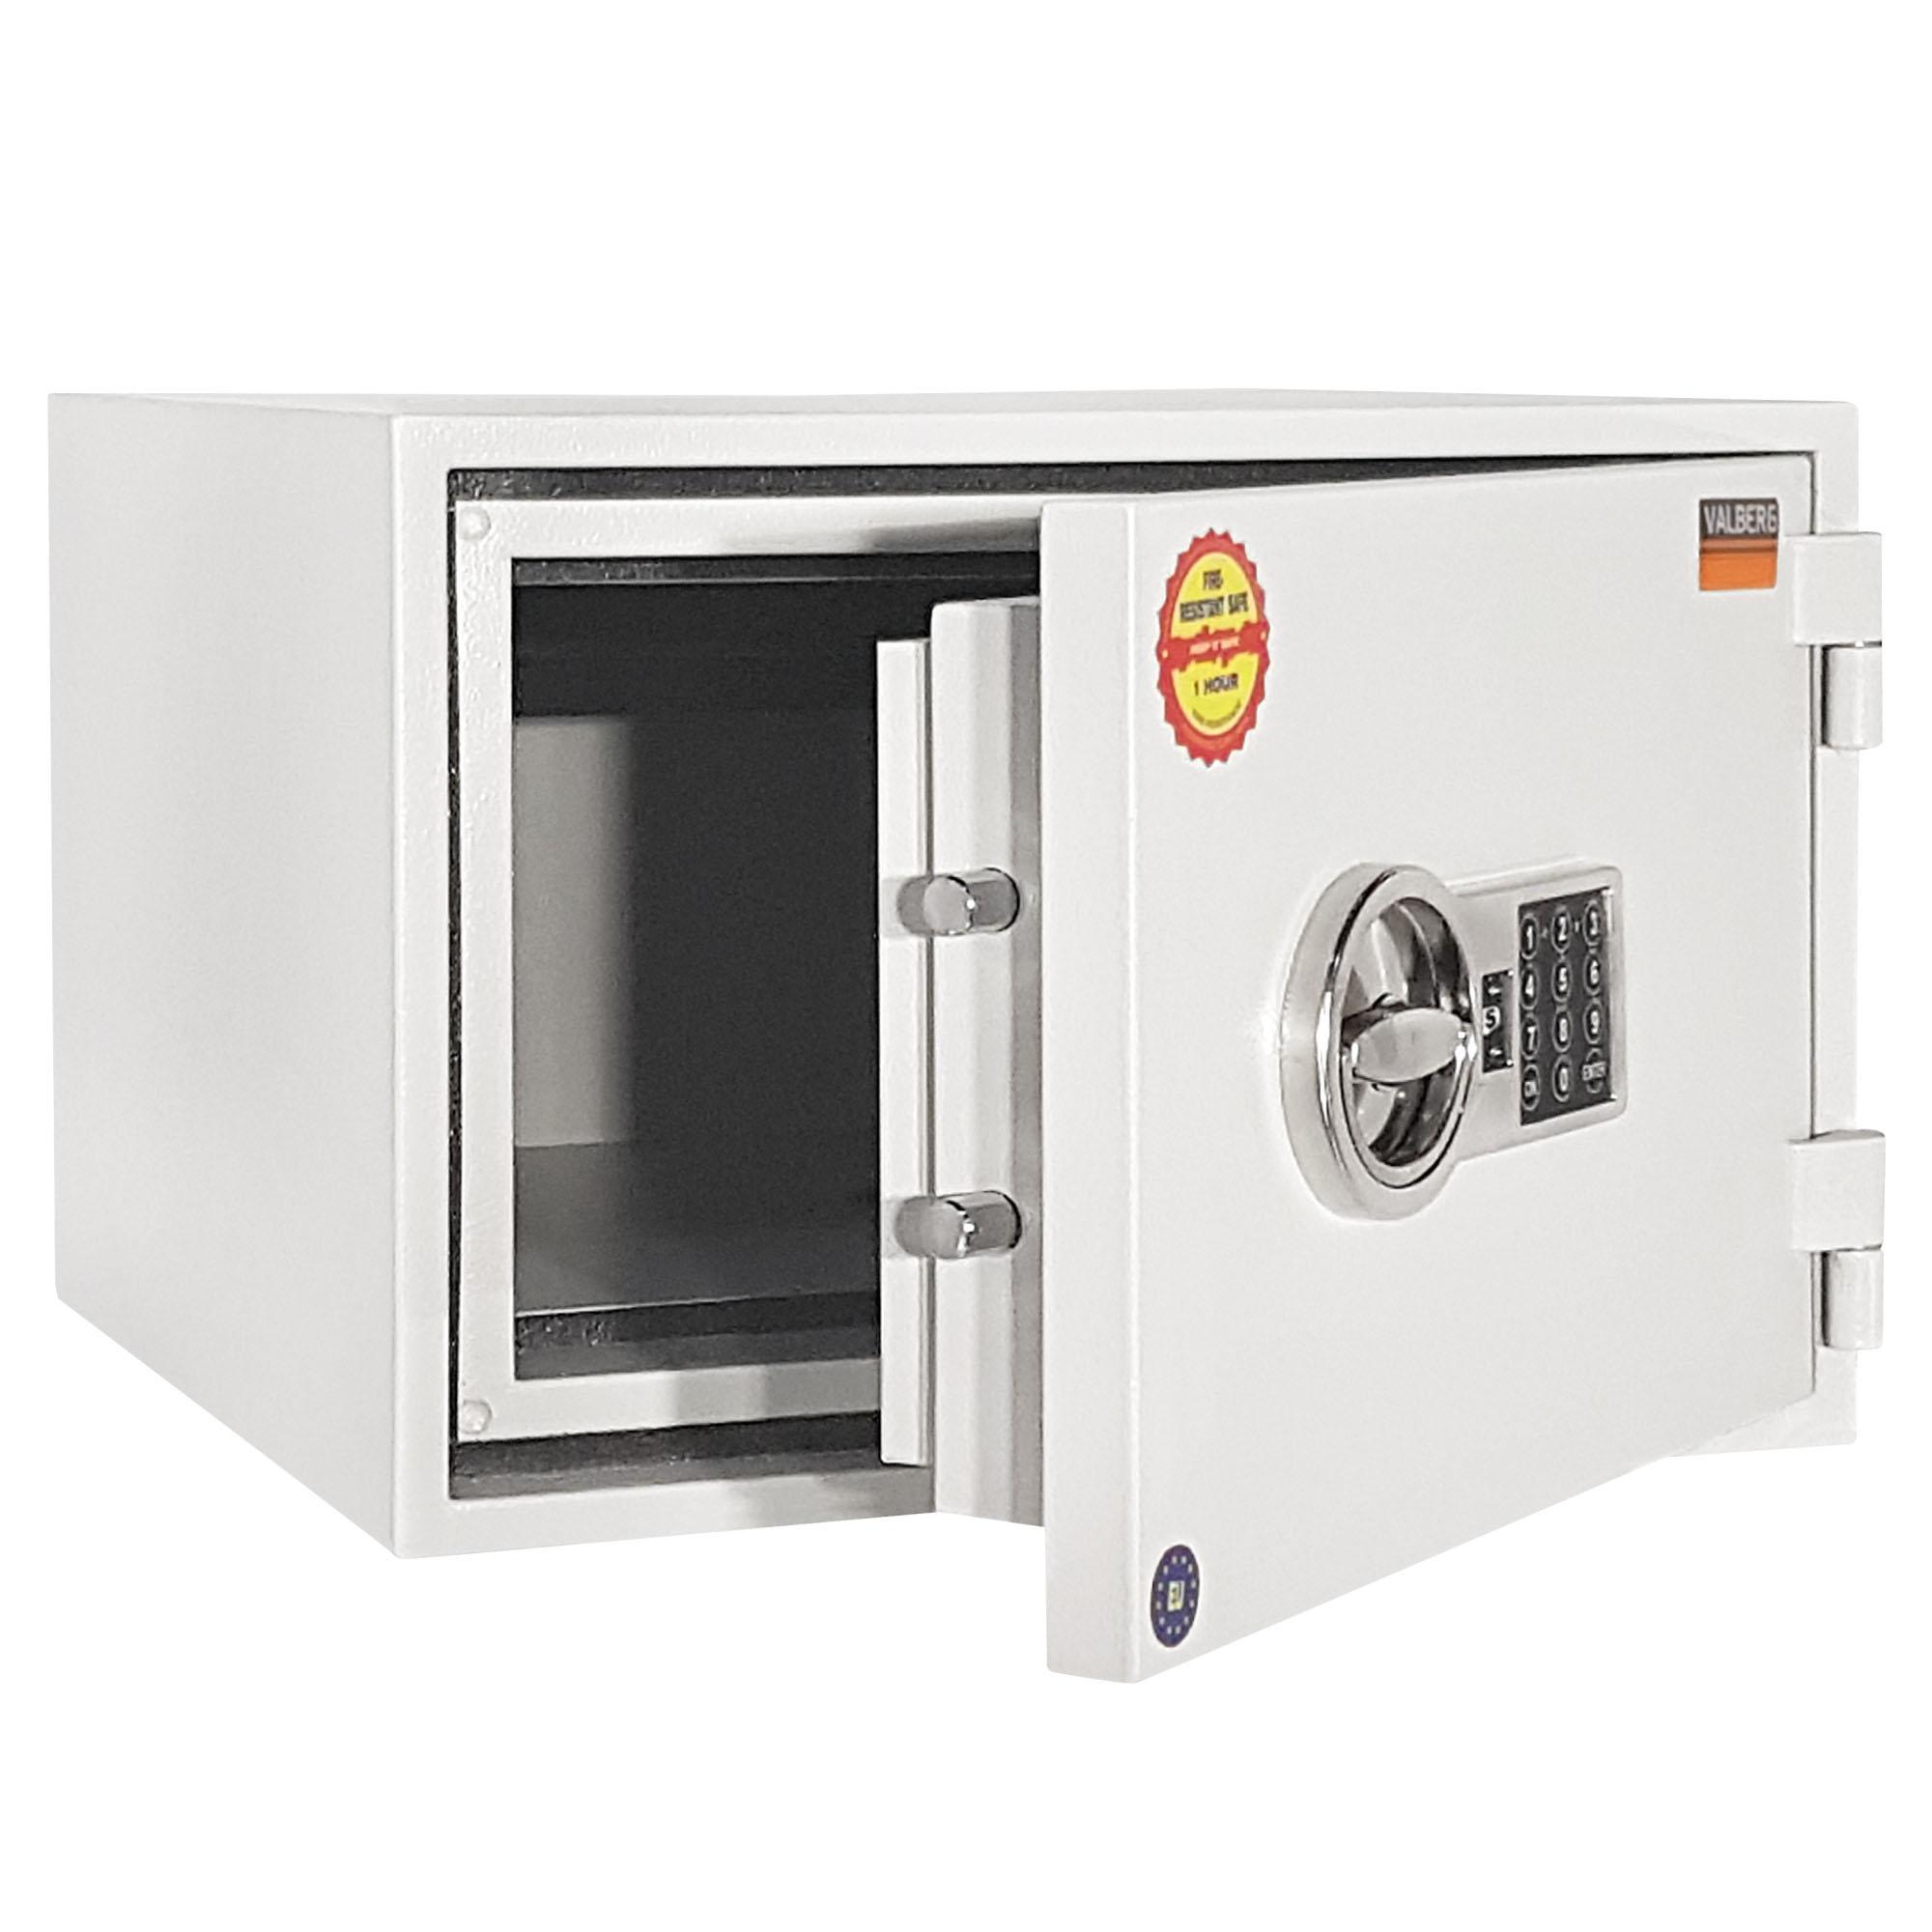 Valberg FRS-32 EL 1 Digital & 1 Keylock Fire Resistant Safe